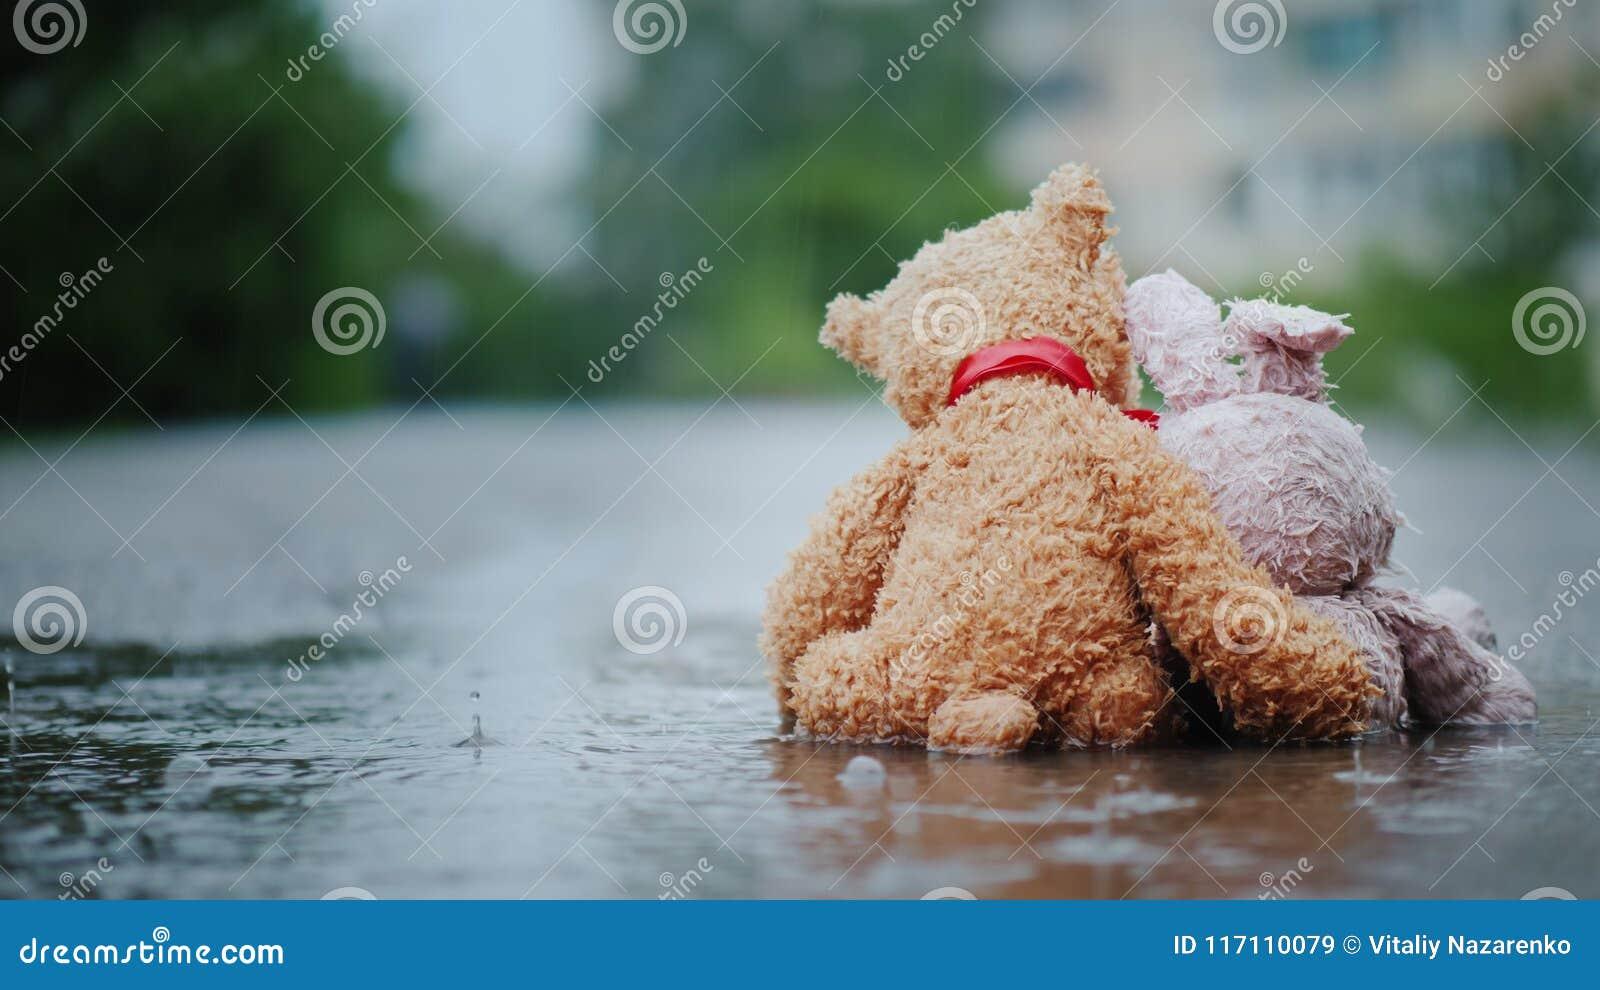 Верные друзья - зайчик и новичок медведя сидите сторона - мимо - встаньте на сторону на дороге, влажной под лить дождем передний